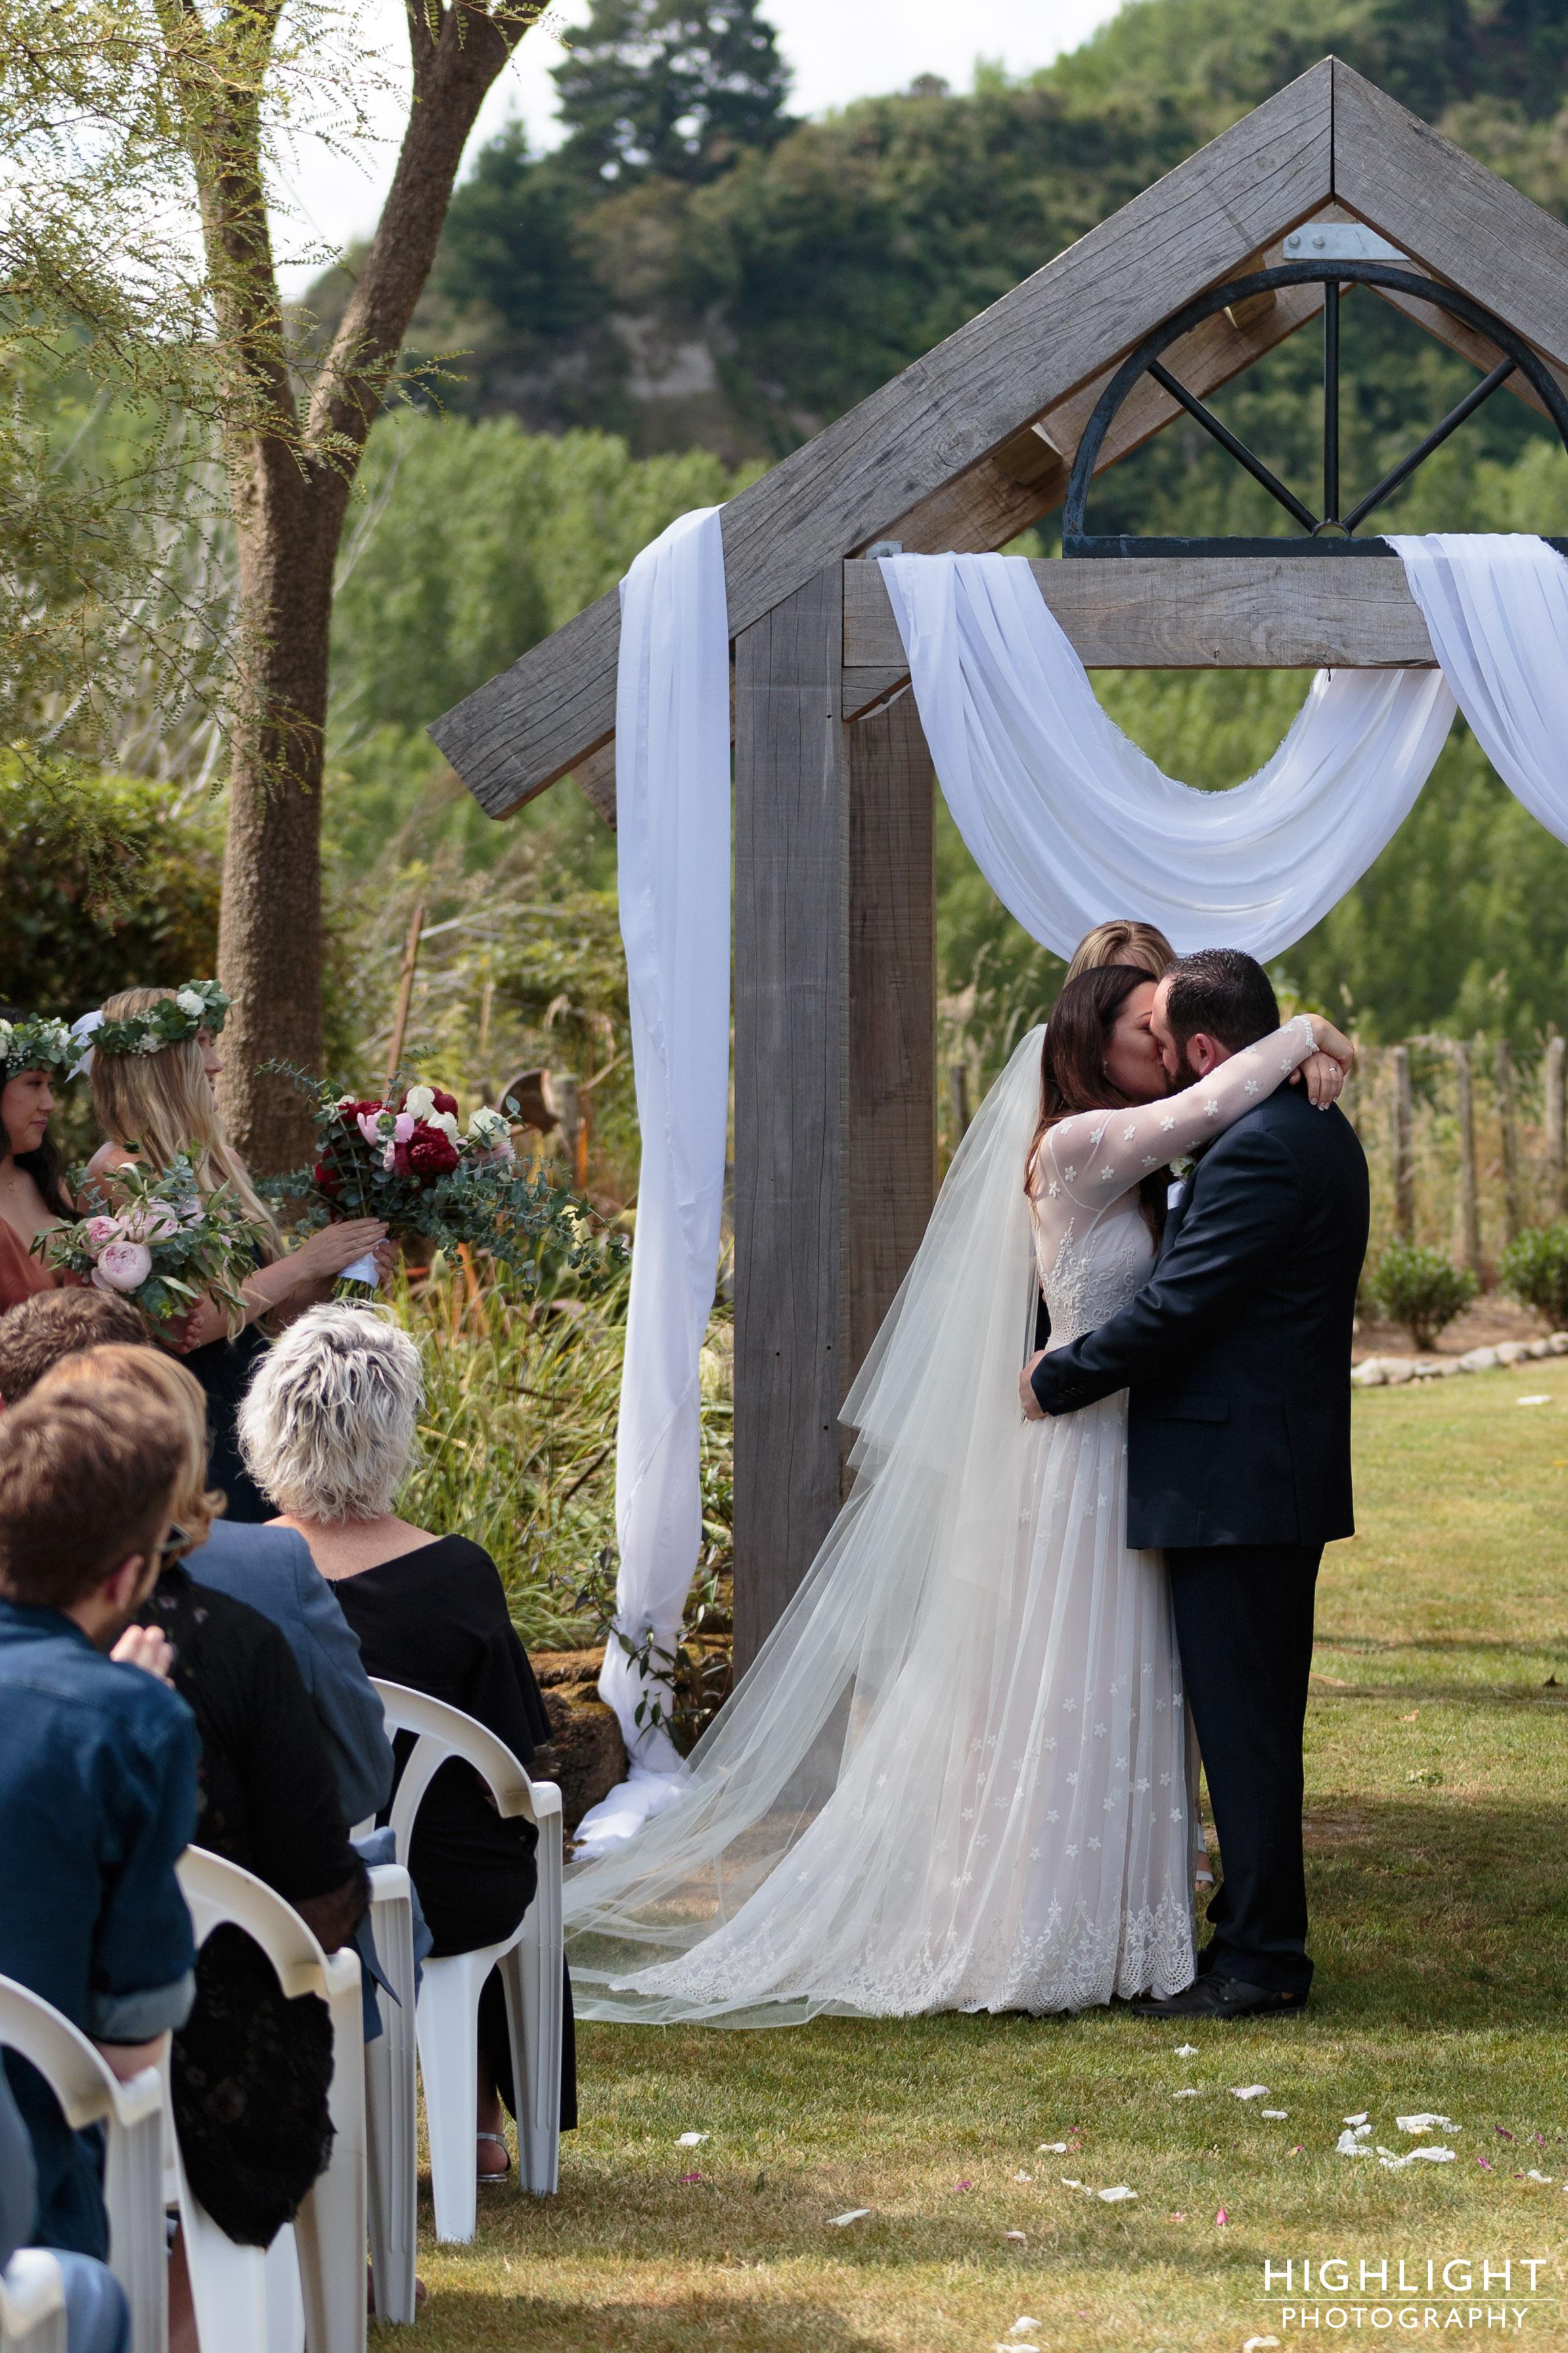 makoura_lodge_highlight_photography_manawatu_wedding_photographer